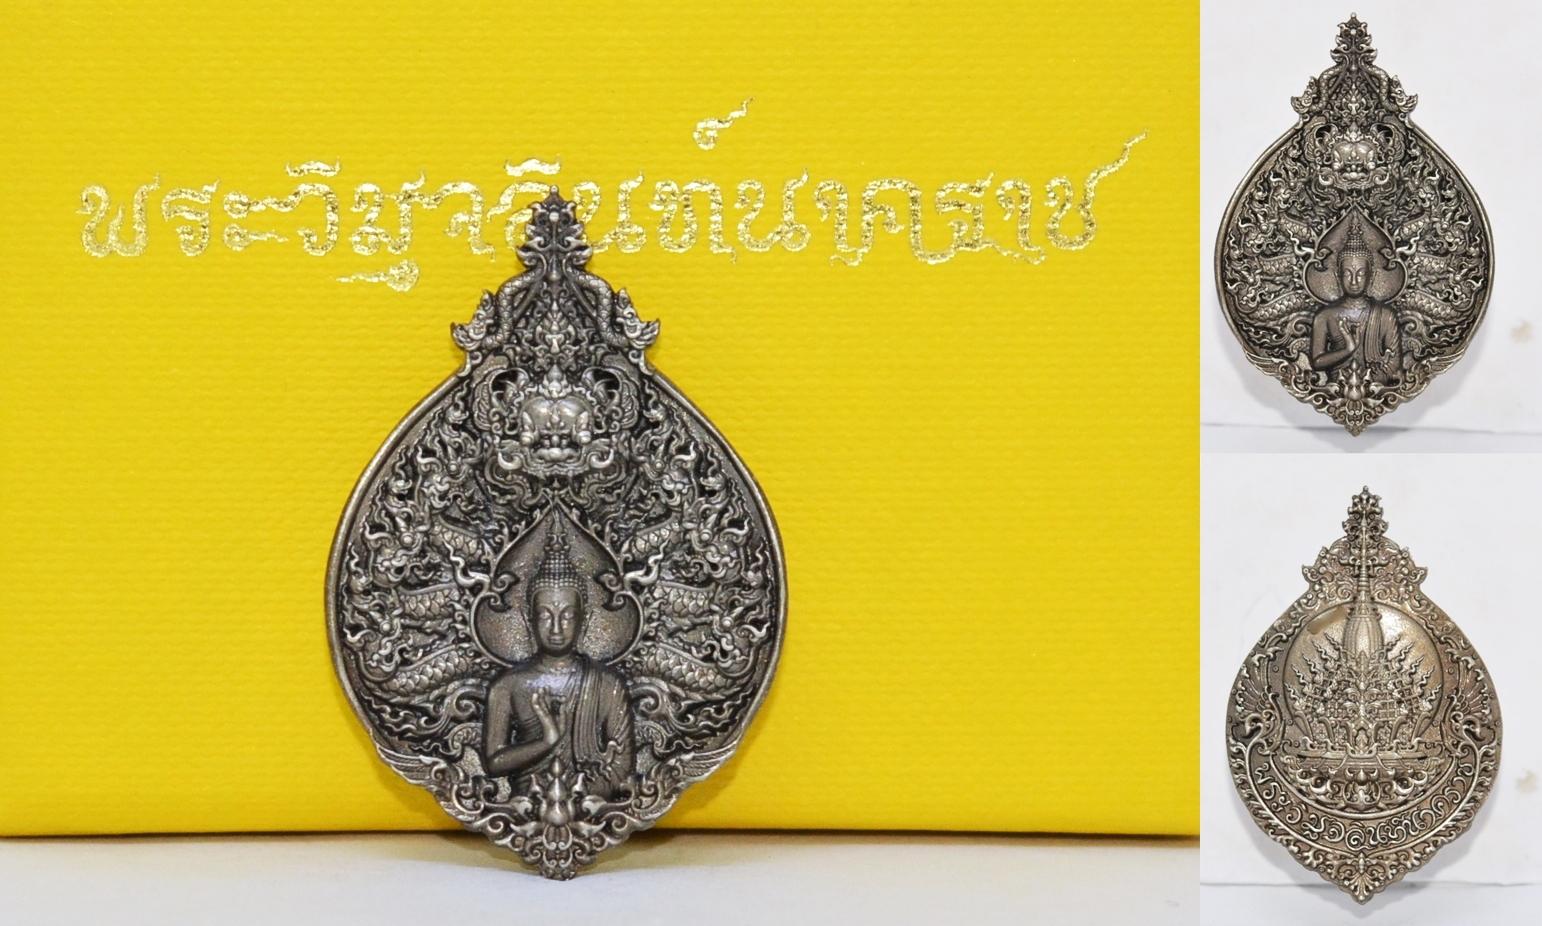 เหรียญพระวิมุจลินท์นาคราช เนื้อไวท์บรอนซ์รมซาติน หลวงปู่ยูร วัดหนองป่าหมาก 2563 ขนาด 4.0*2.6 ซม